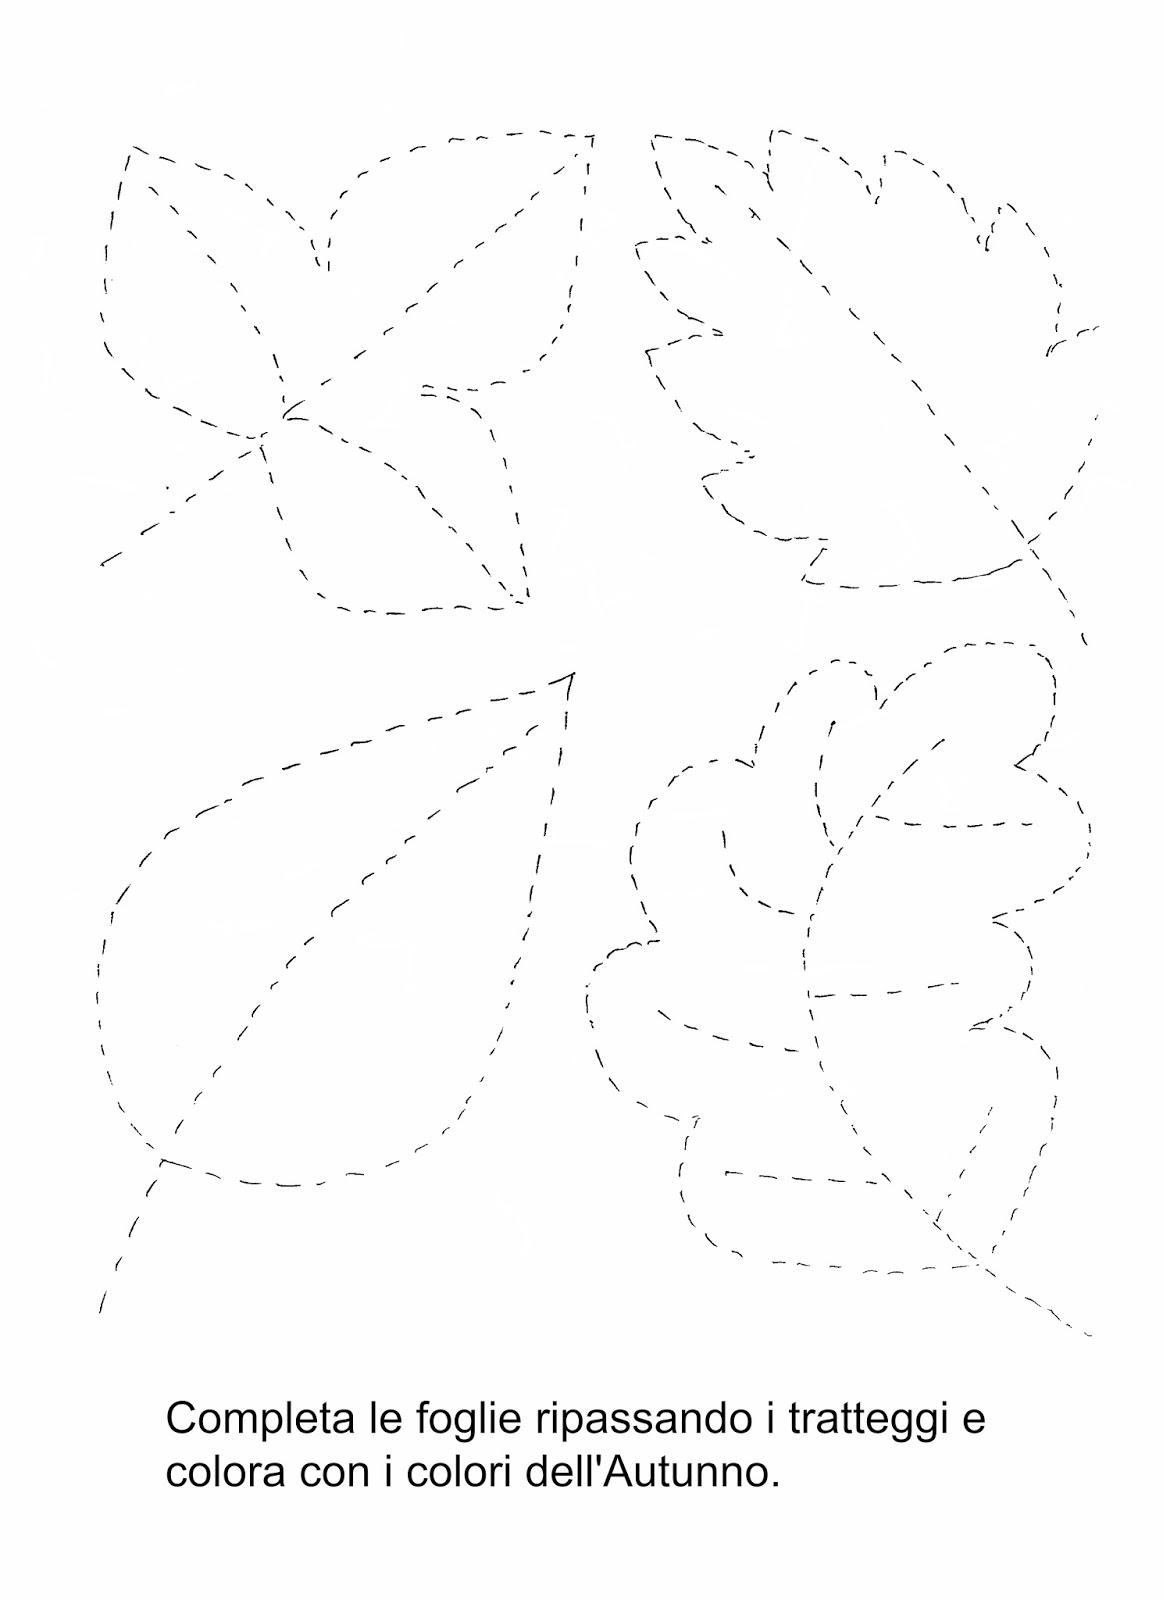 La maestra Linda : Le foglie in Autunno